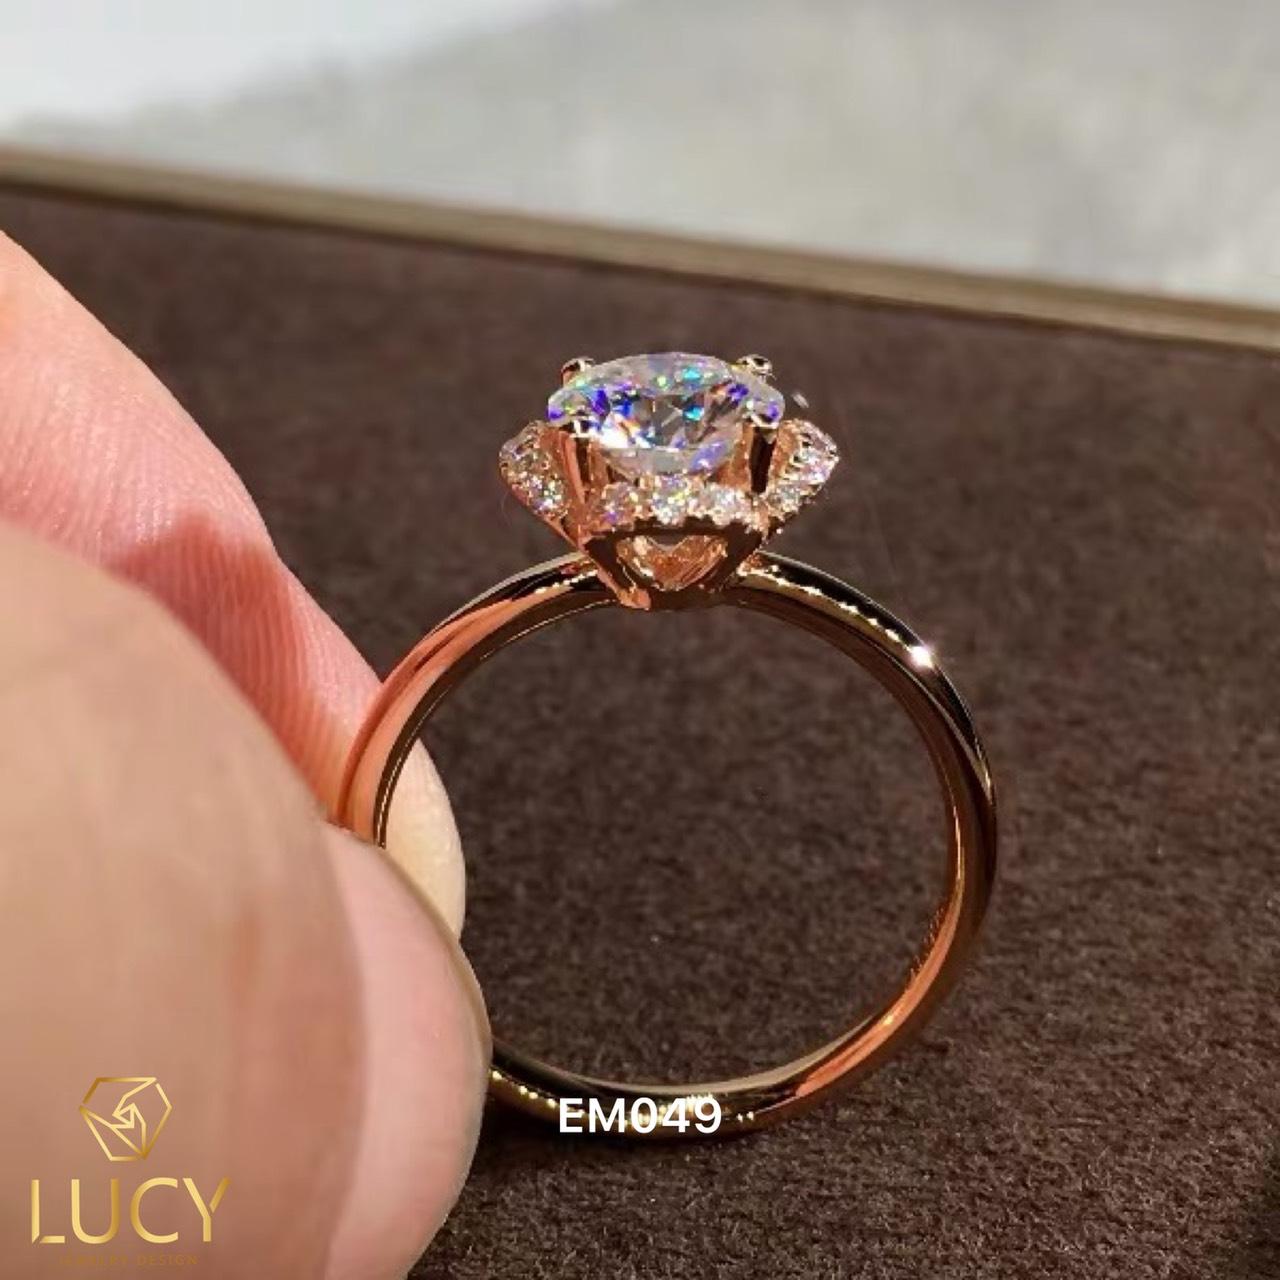 EM049 Nhẫn nữ vàng, nhẫn ổ 6.0mm 6.3mm nhẫn nữ thiết kế, nhẫn cầu hôn, nhẫn đính hôn - Lucy Jewelry